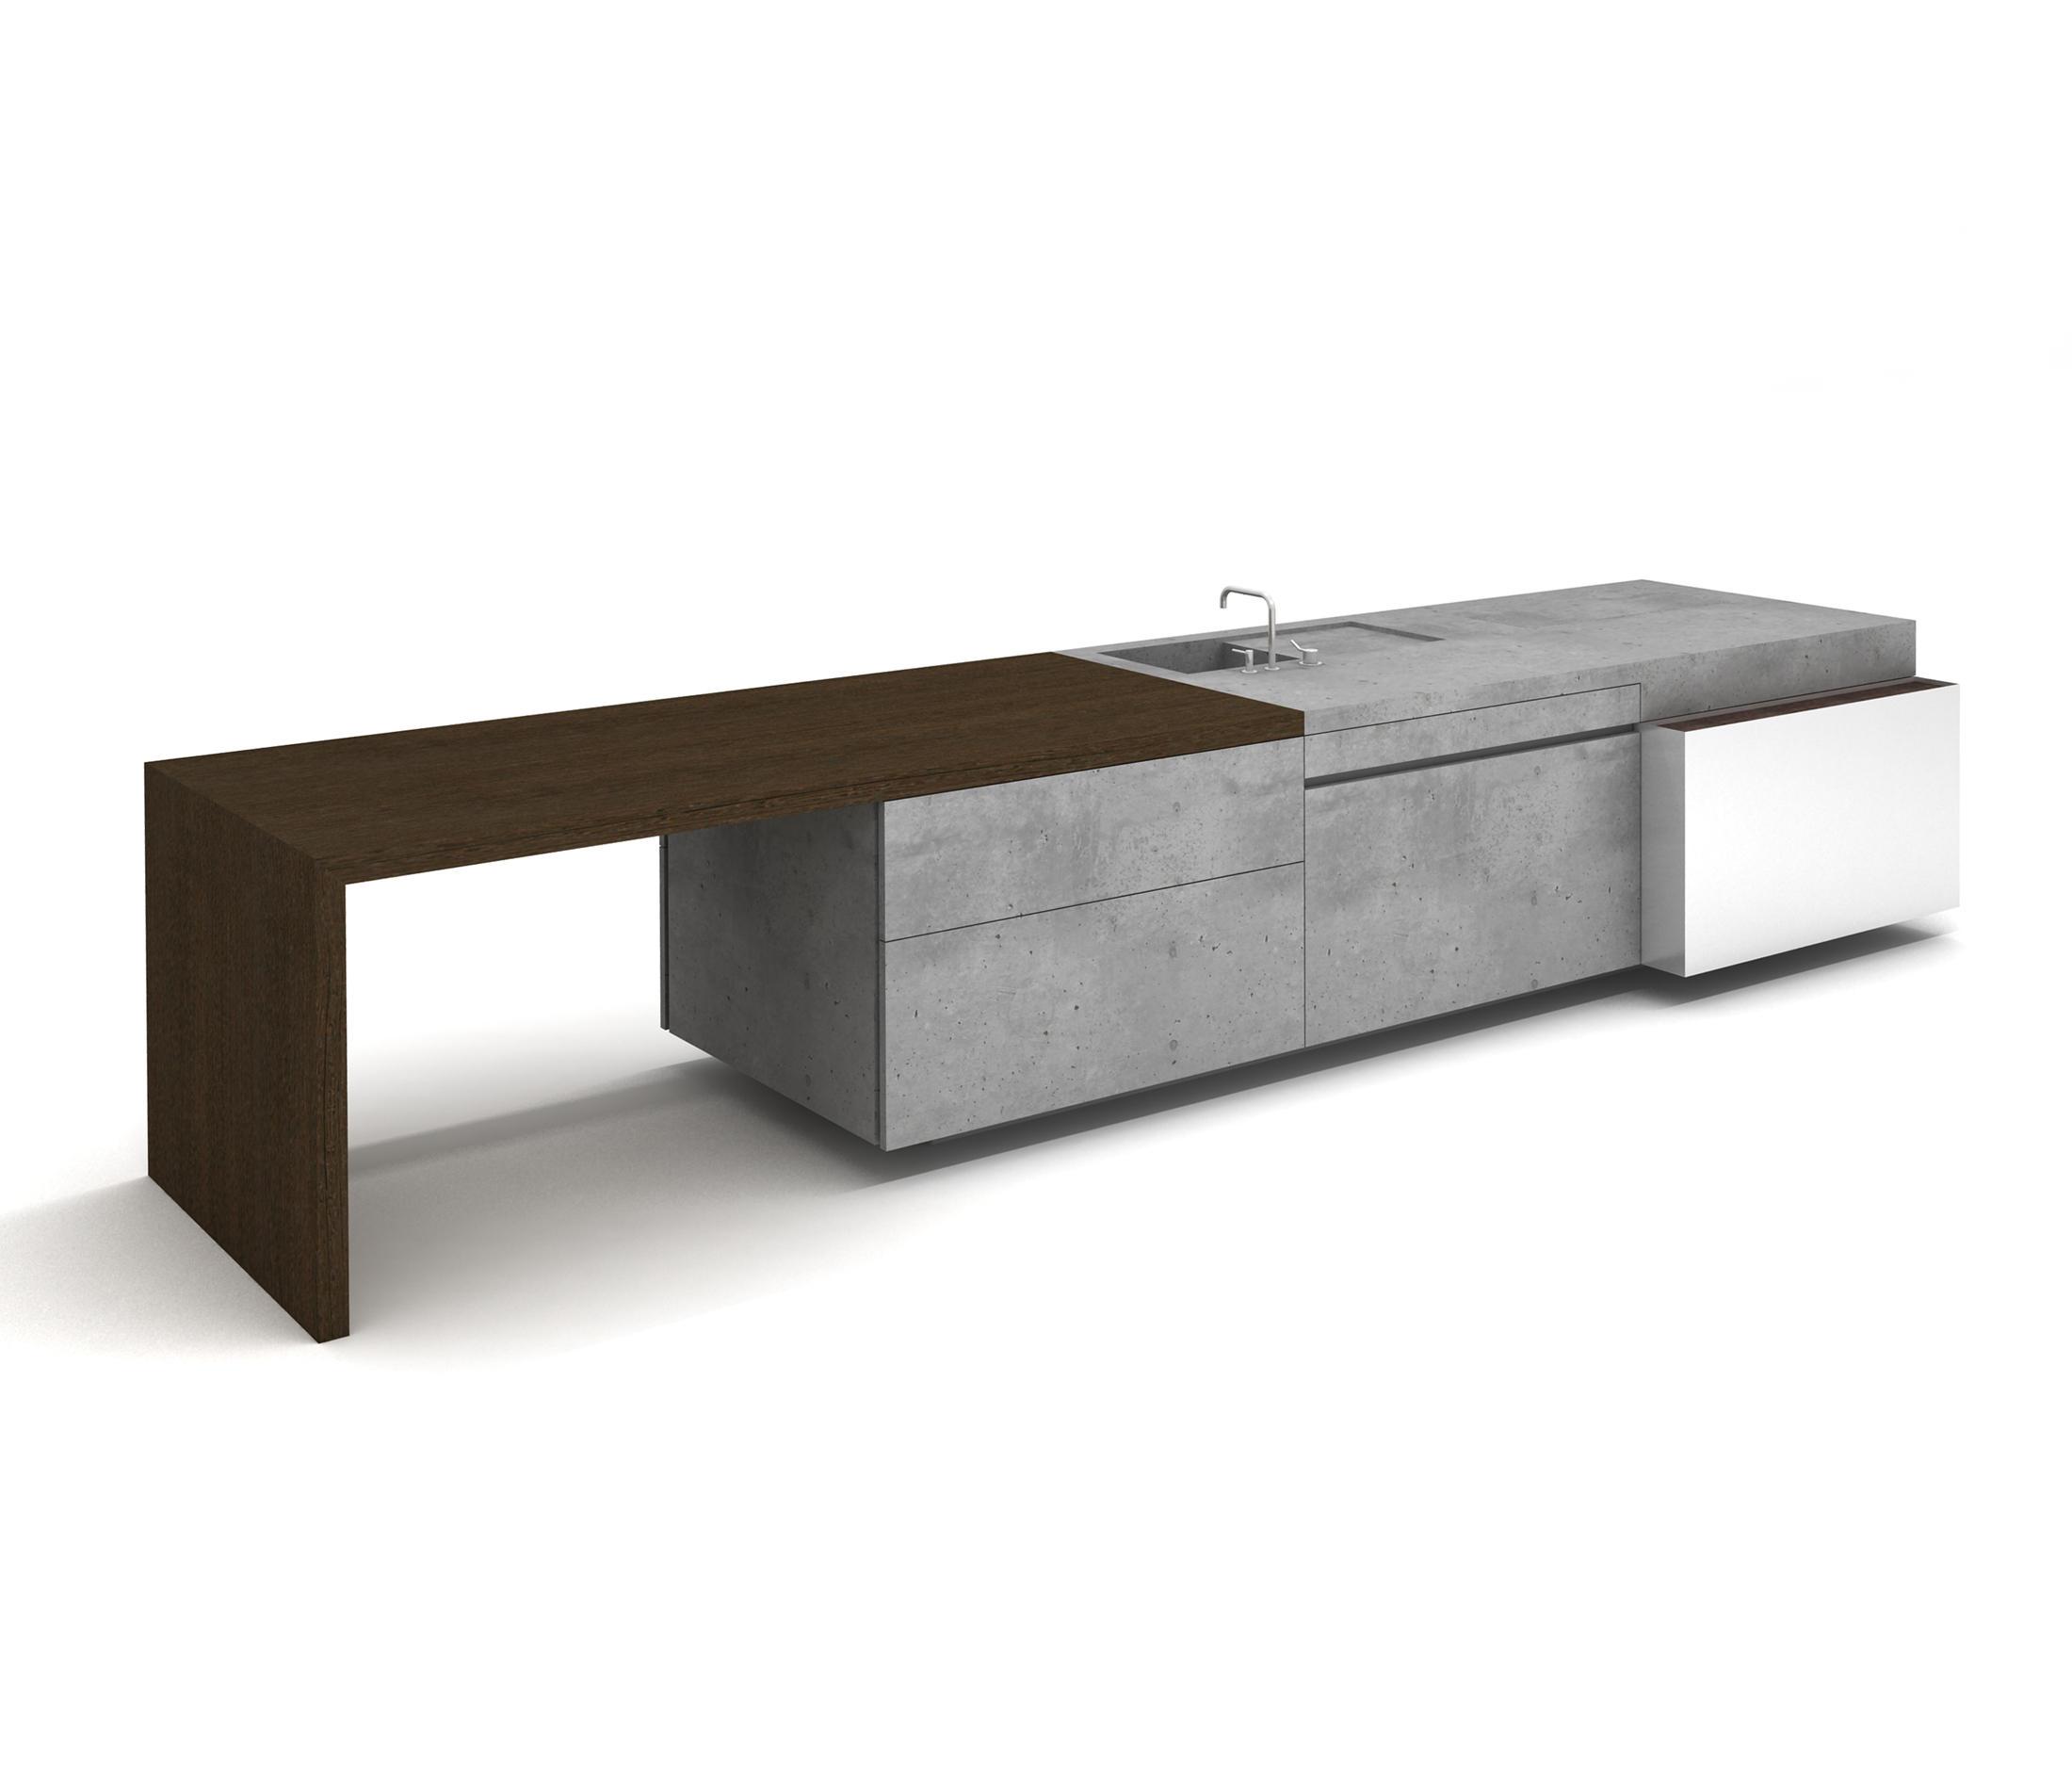 steininger kuchen preise appetitlich foto blog f r sie. Black Bedroom Furniture Sets. Home Design Ideas